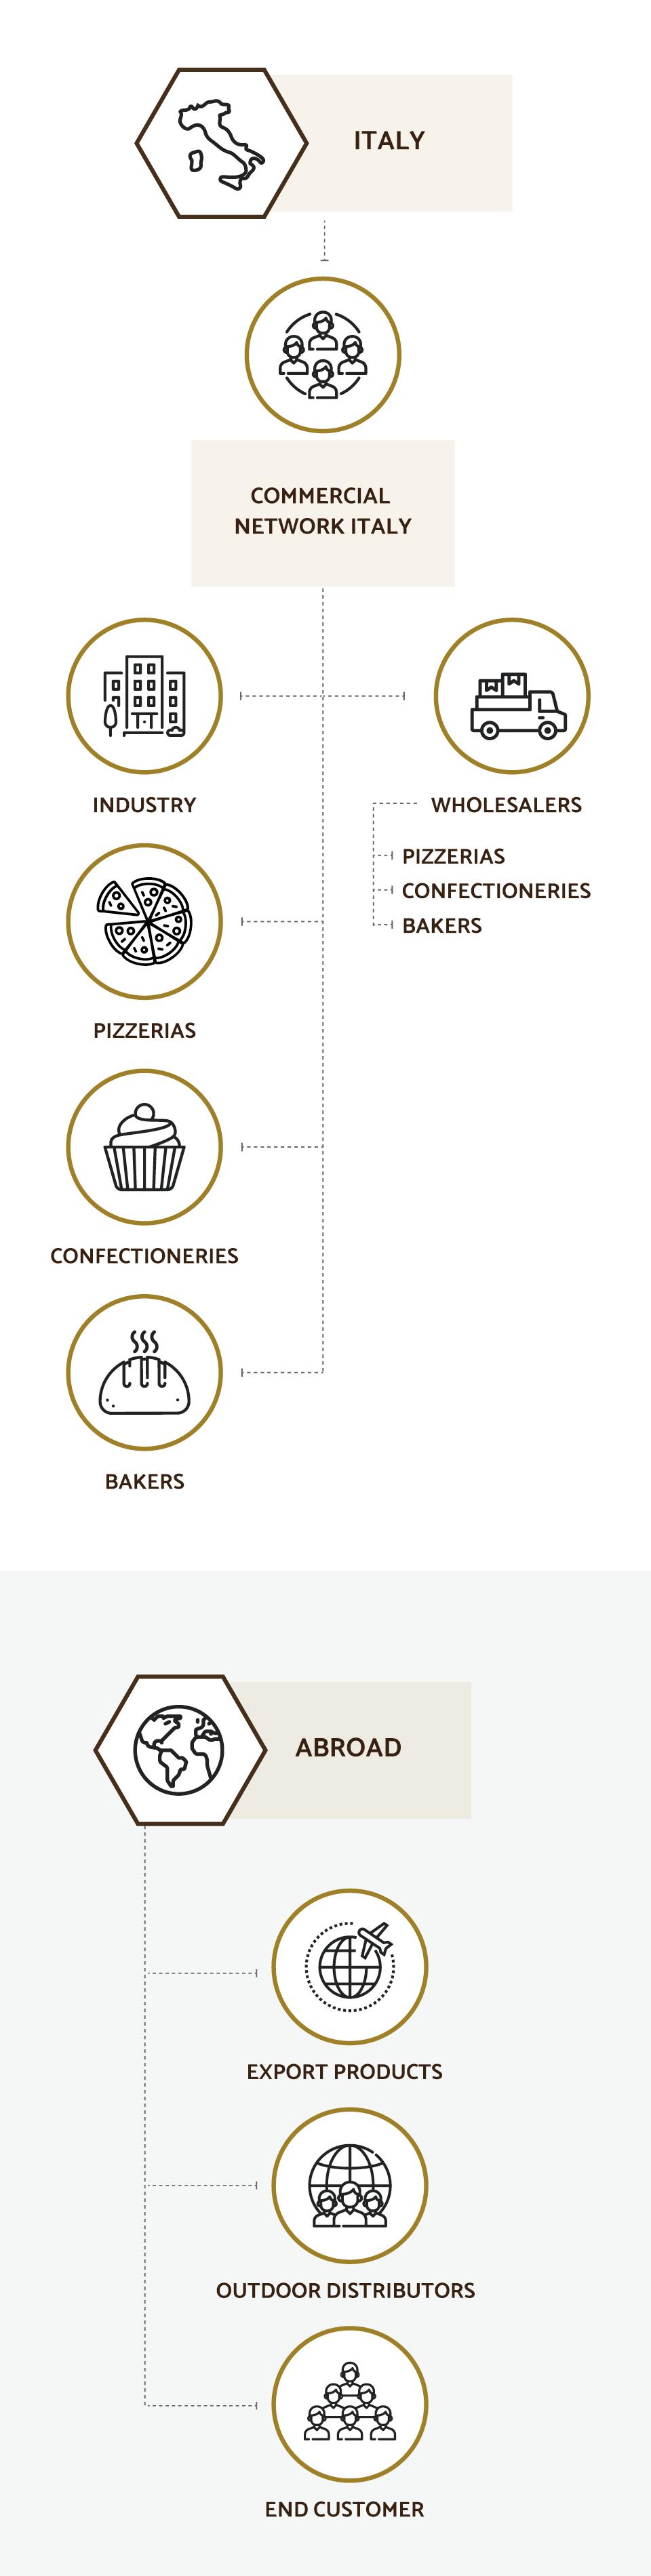 molino-piantoni-retevendita-mobile-en